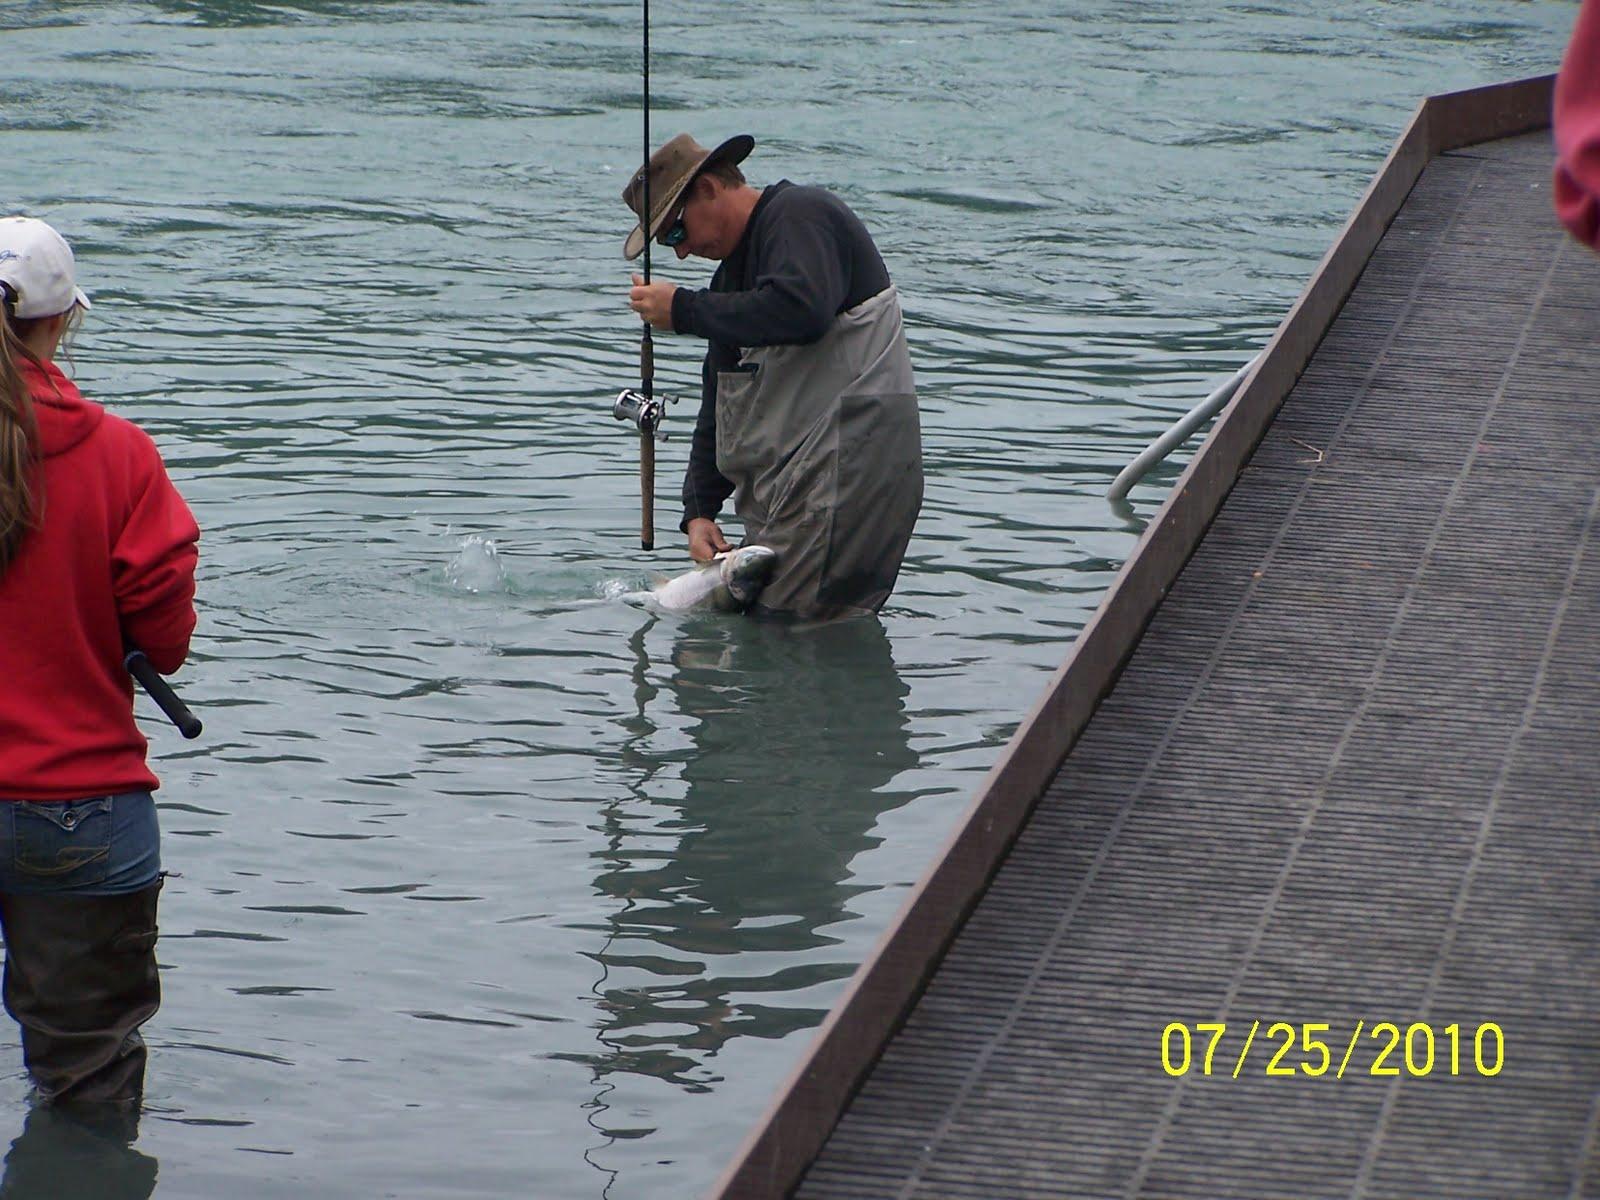 Dan and donna kenai river walk soldatna july 25 2010 for Kenai river fish counts